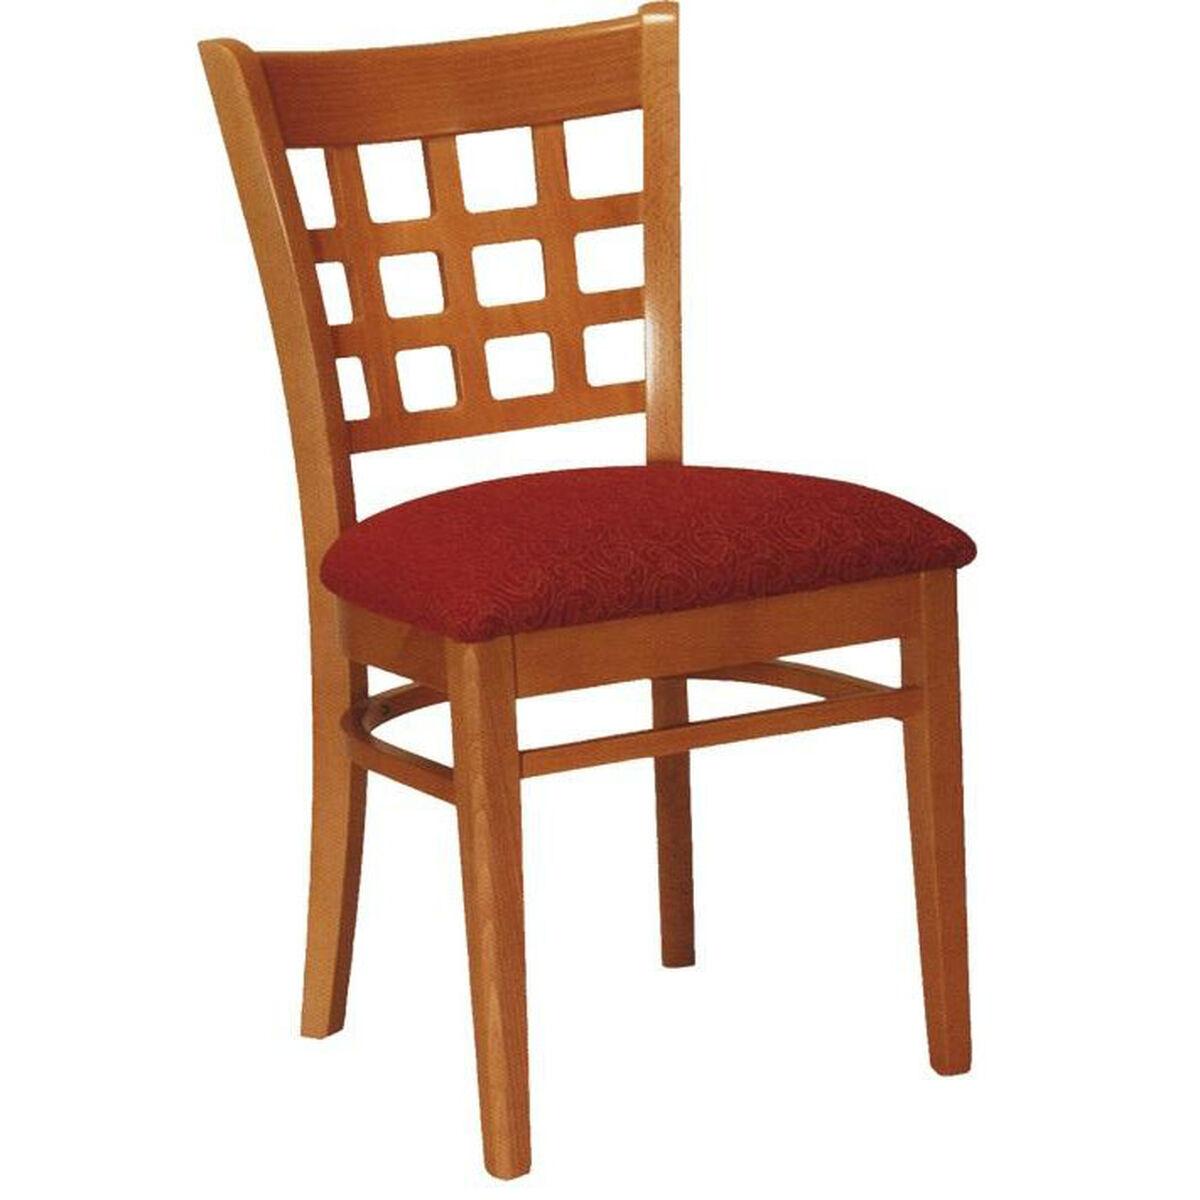 Ac furniture grade acf